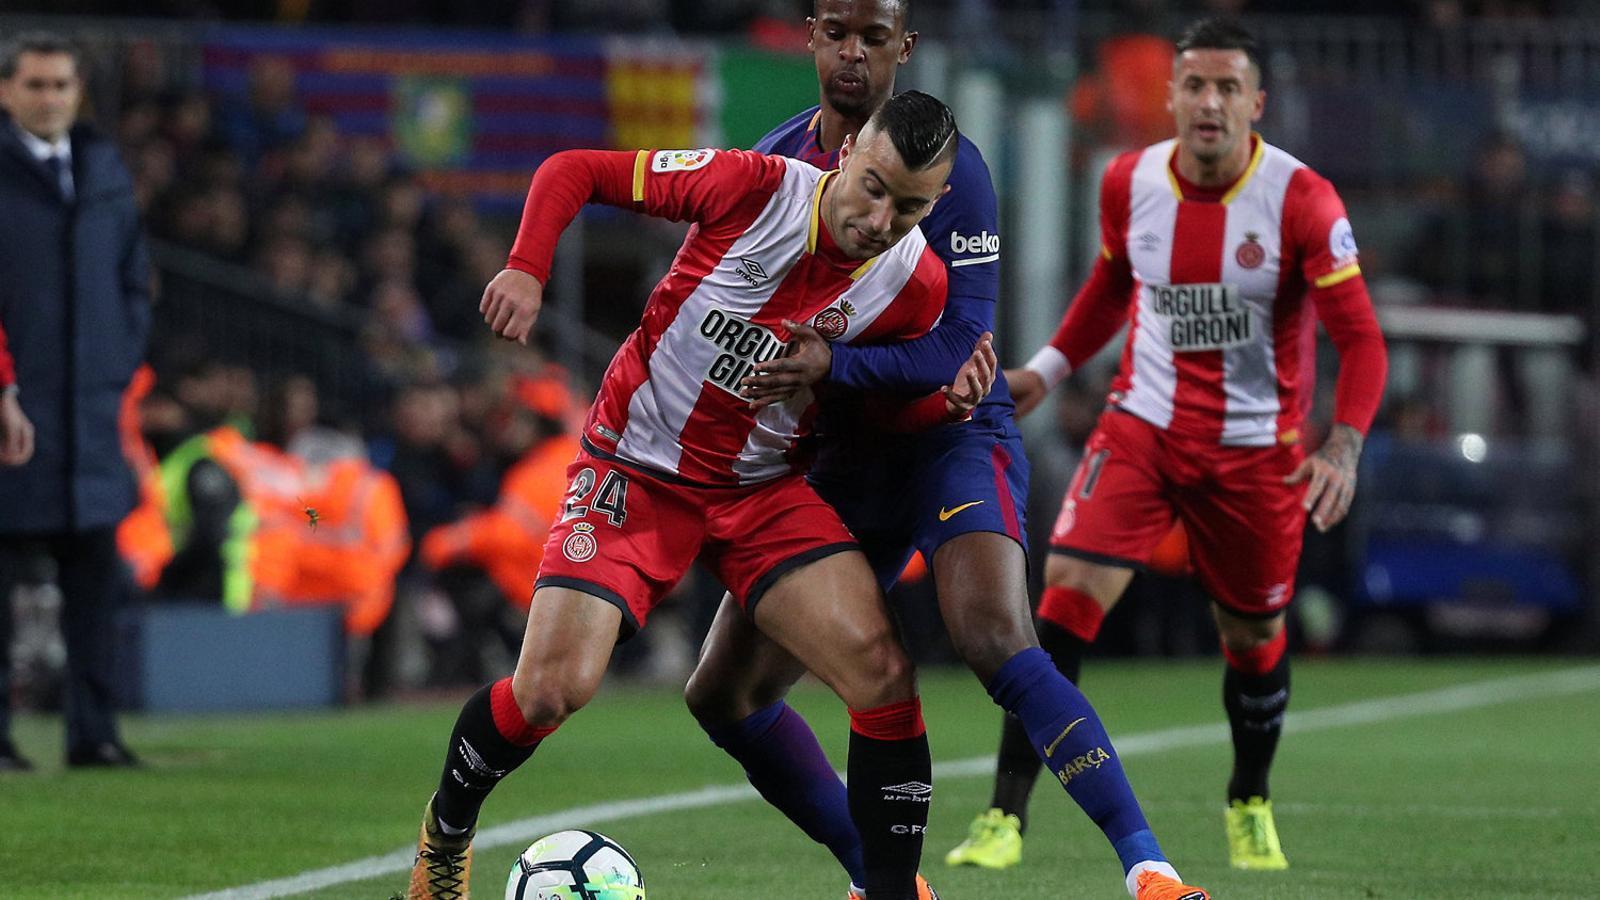 Semedo lluitant per prendre la pilota a Borja García, dissabte al Camp Nou en el partit entre el Barça i el Girona en què es va lesionar.